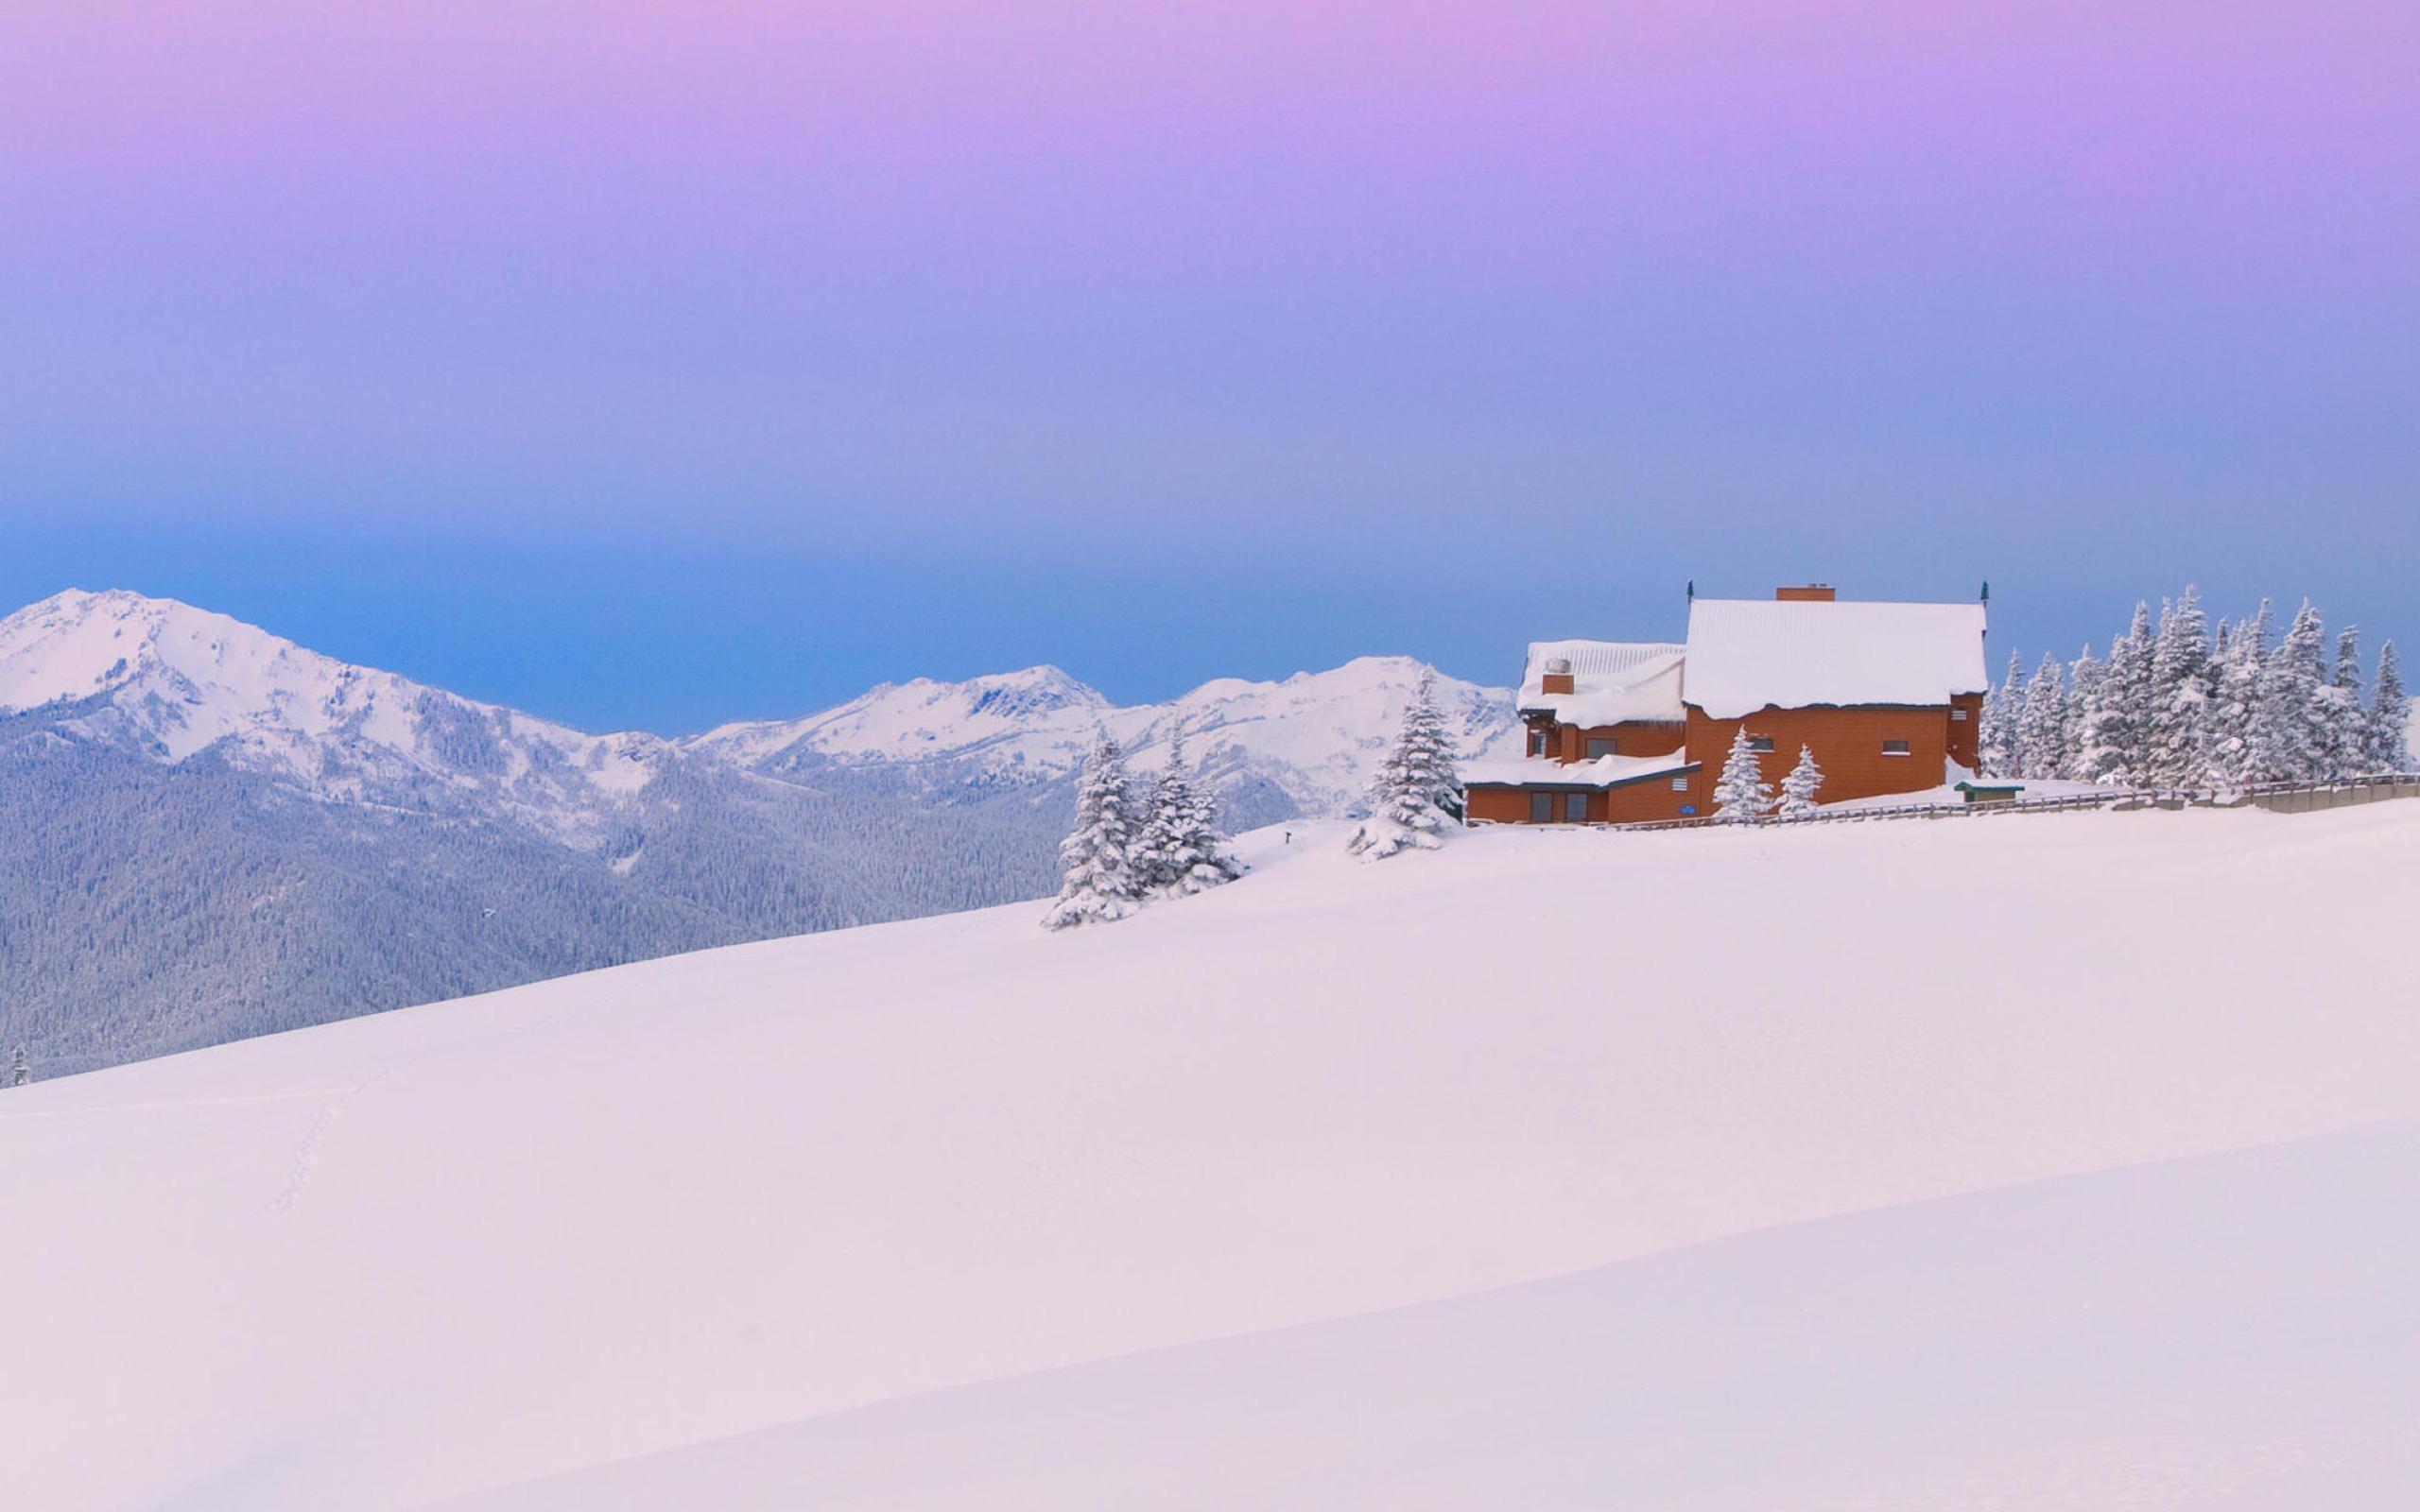 снег гора домики snow mountain houses бесплатно